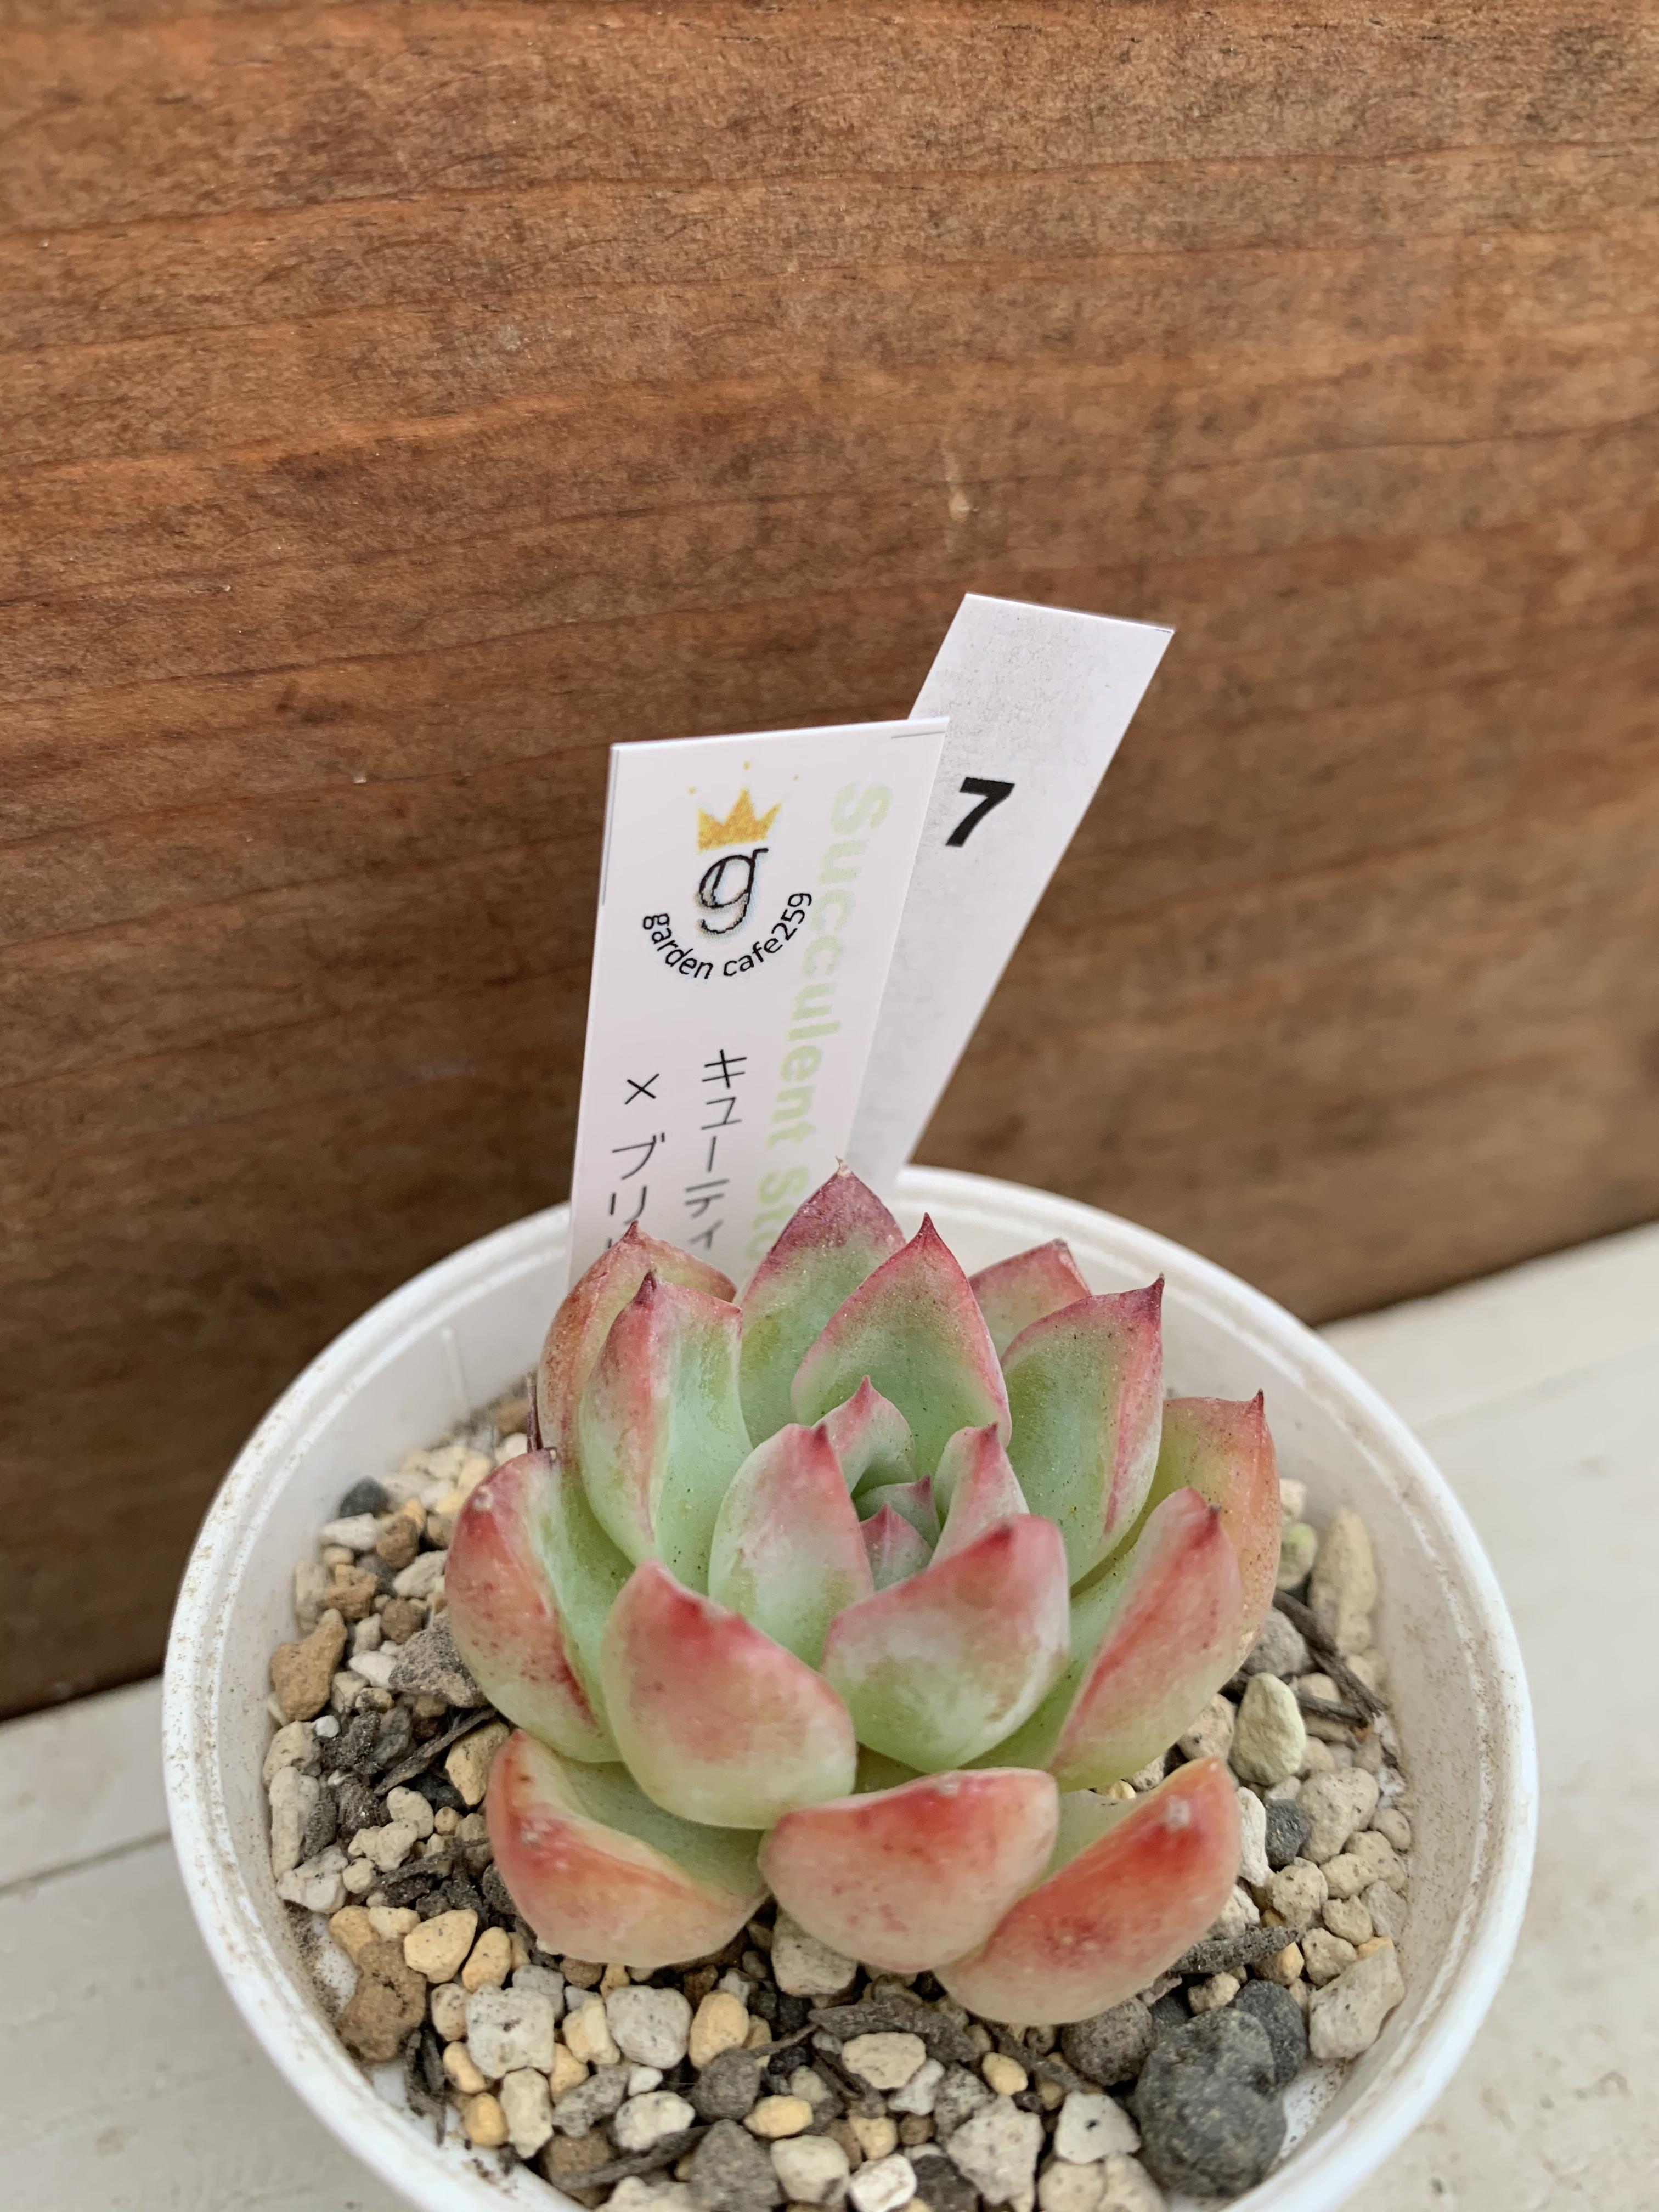 多肉植物 韓国苗 キューティーズ × ブリドニス☆No.7